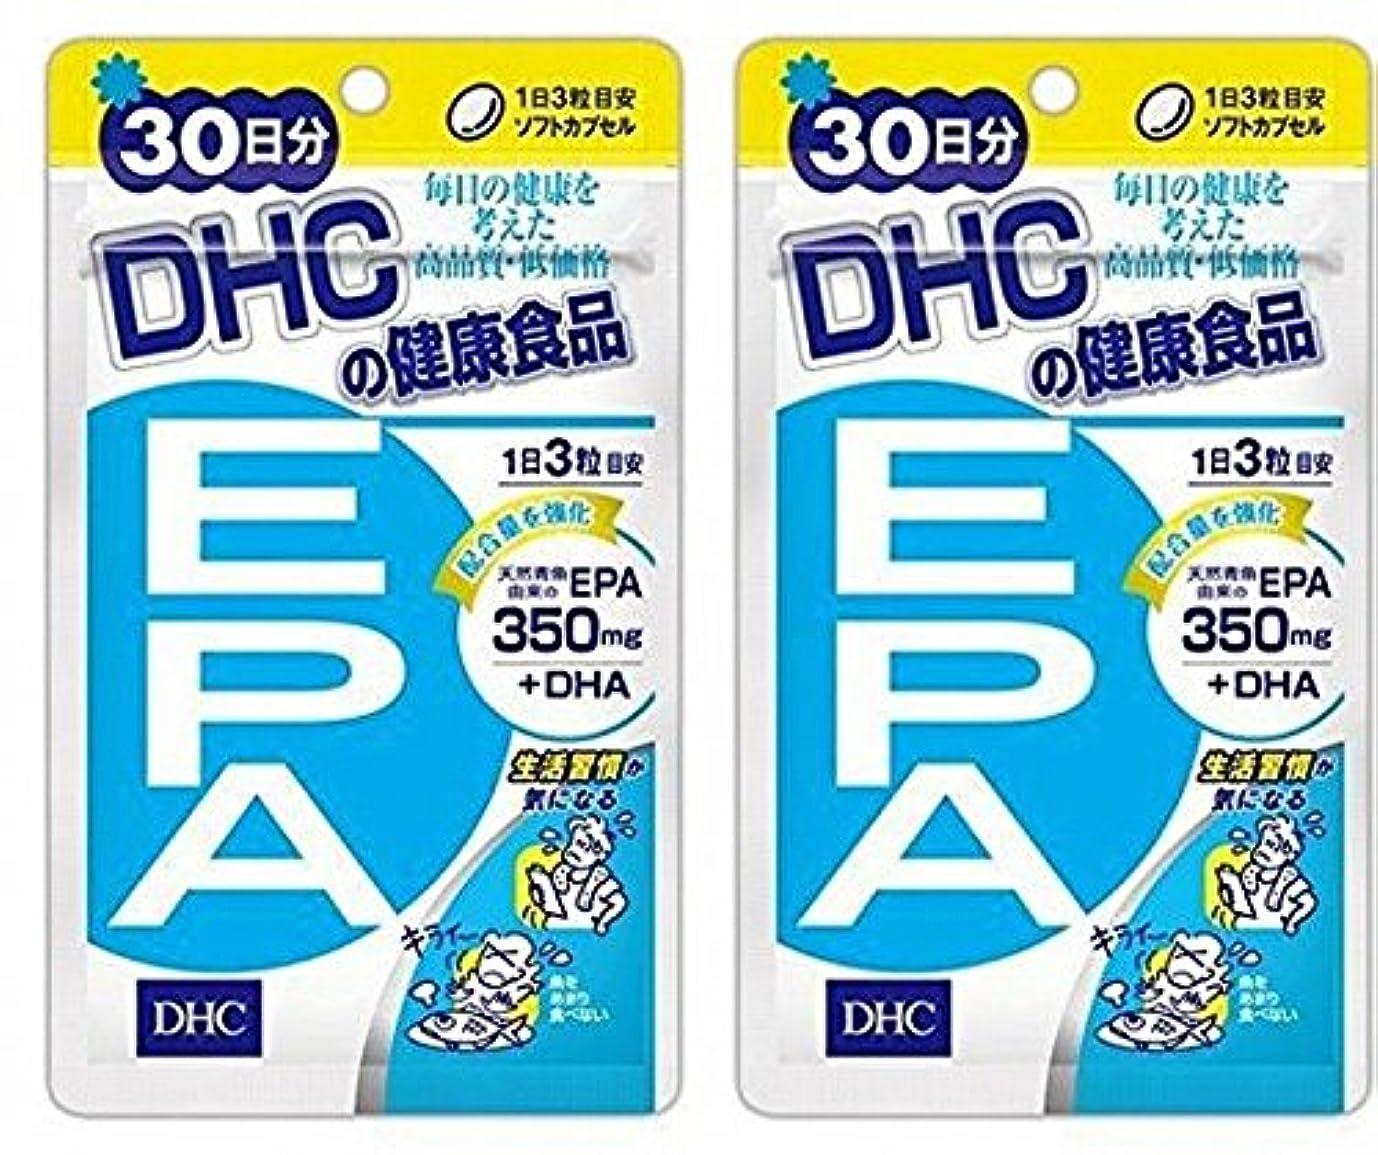 小売宇宙の醸造所DHC EPA 30日分 2袋セット